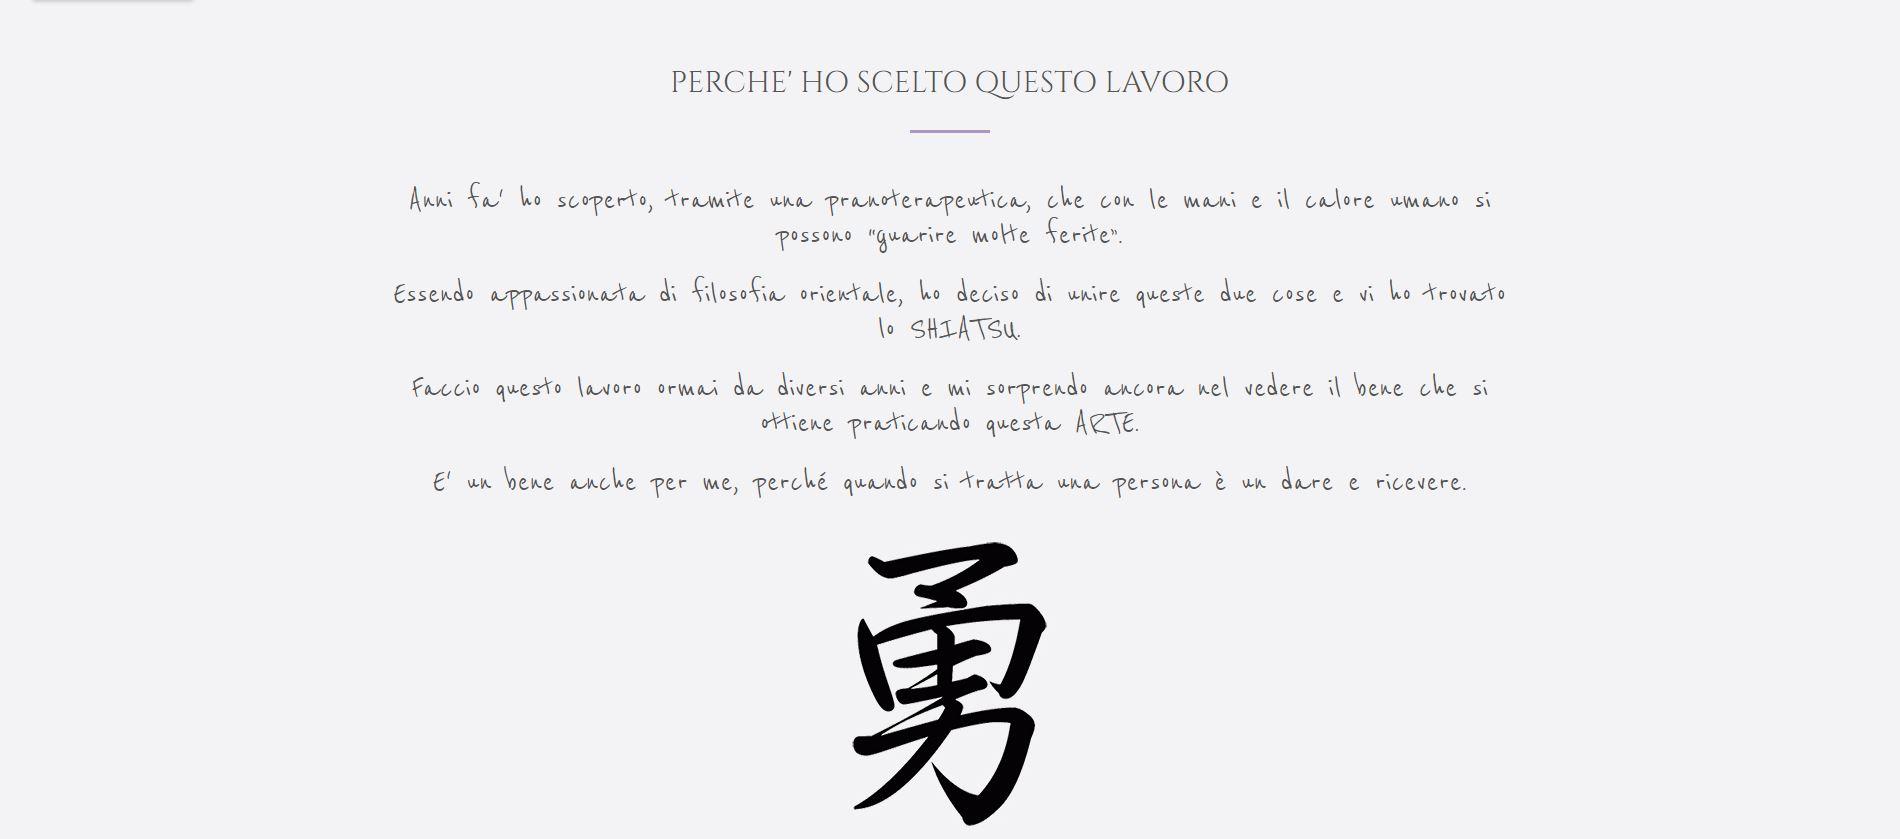 simonarella-shiatsu_PERCHE-HO-SCELTO-QUESTO-LAVORO